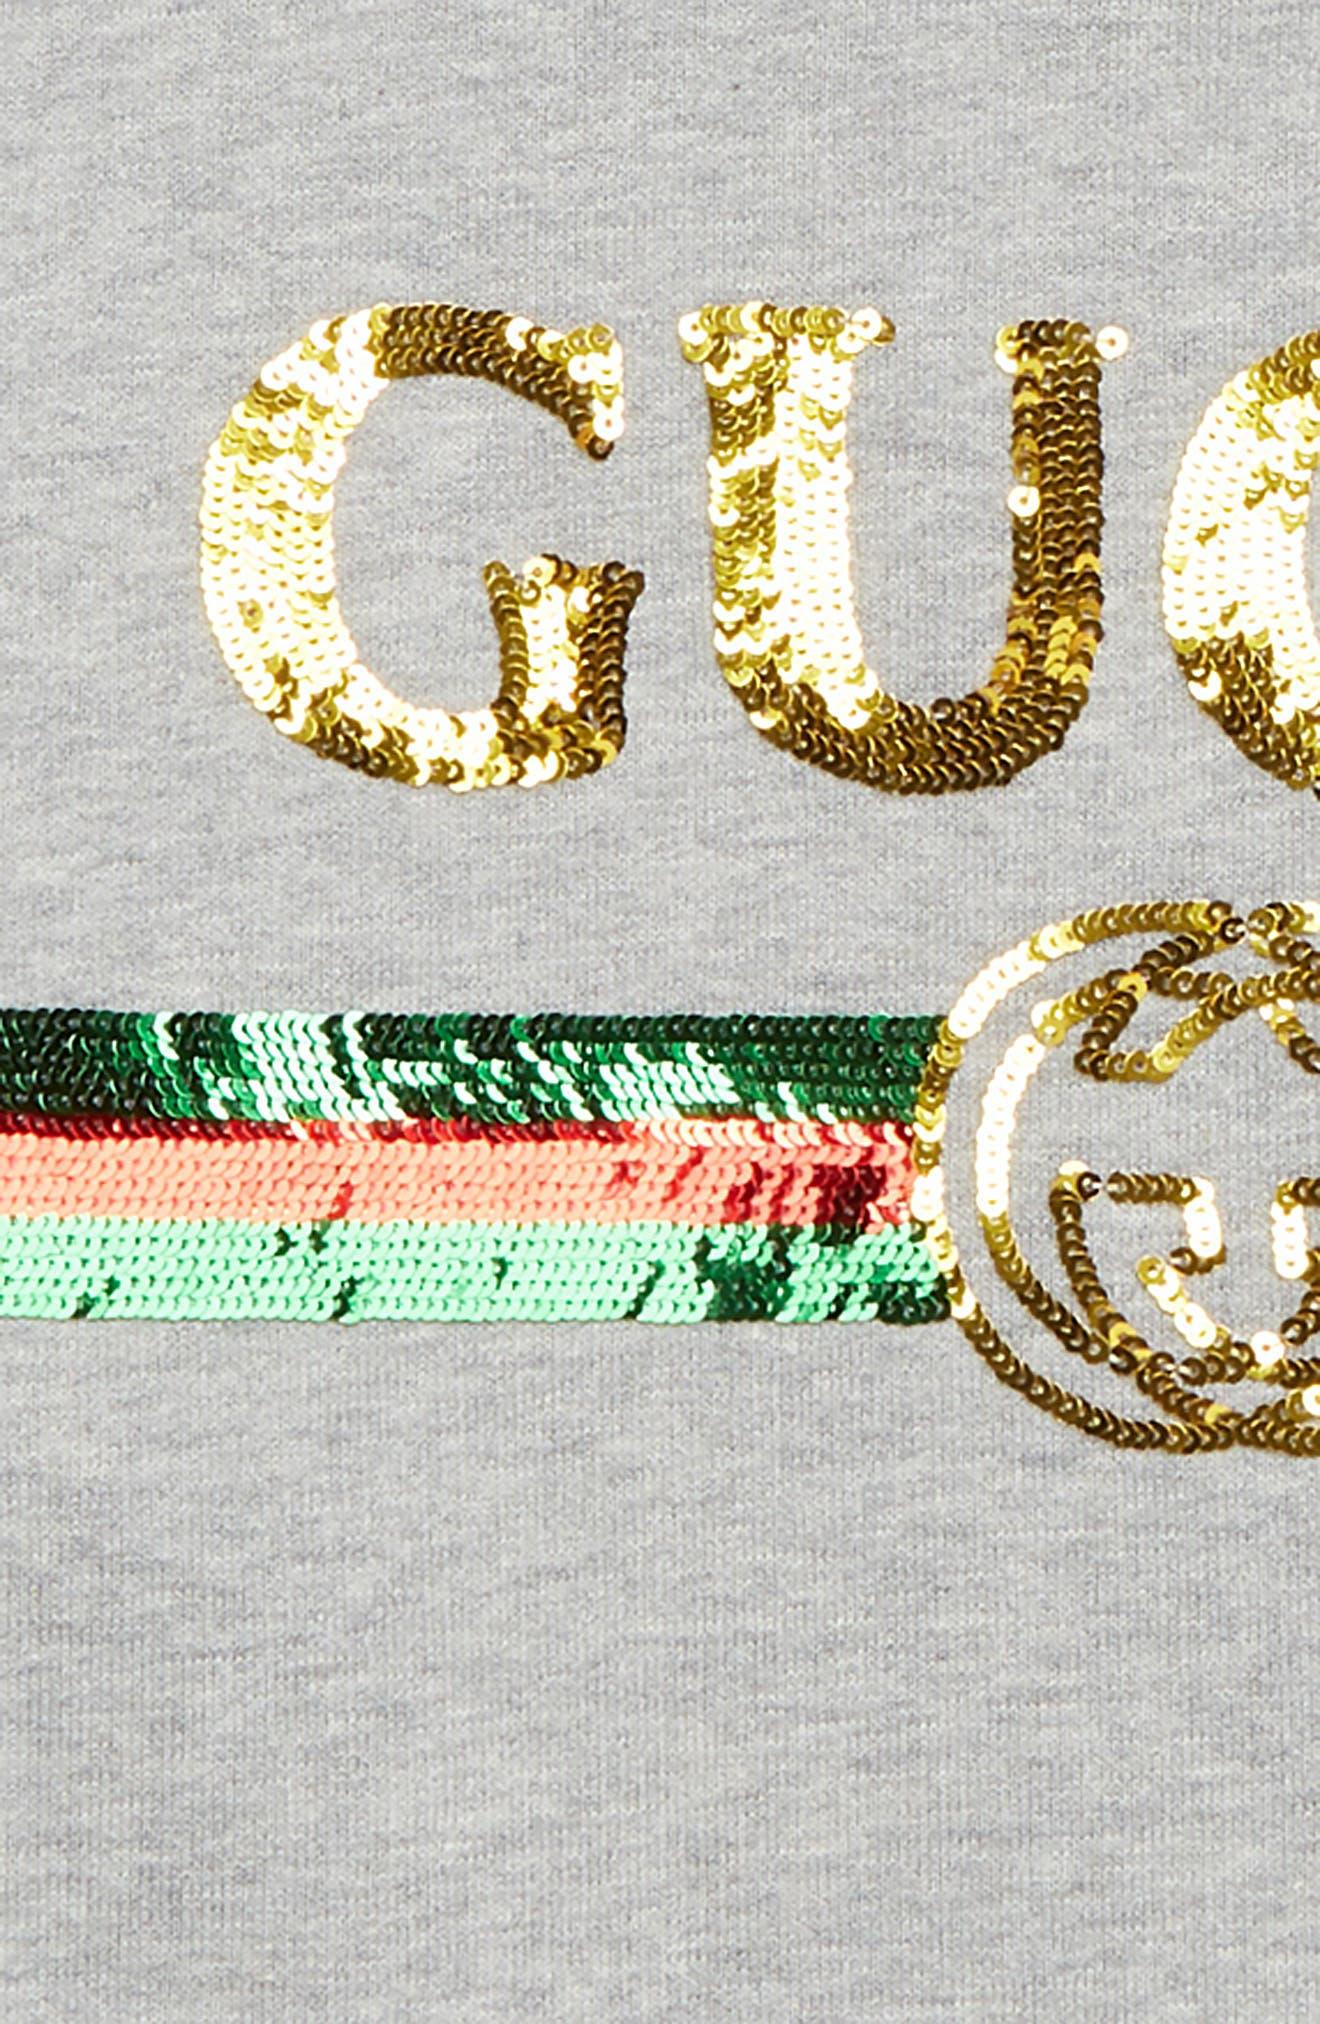 GUCCI,                             Embellished Sweatshirt,                             Alternate thumbnail 2, color,                             LIGHT GREY MELANGE